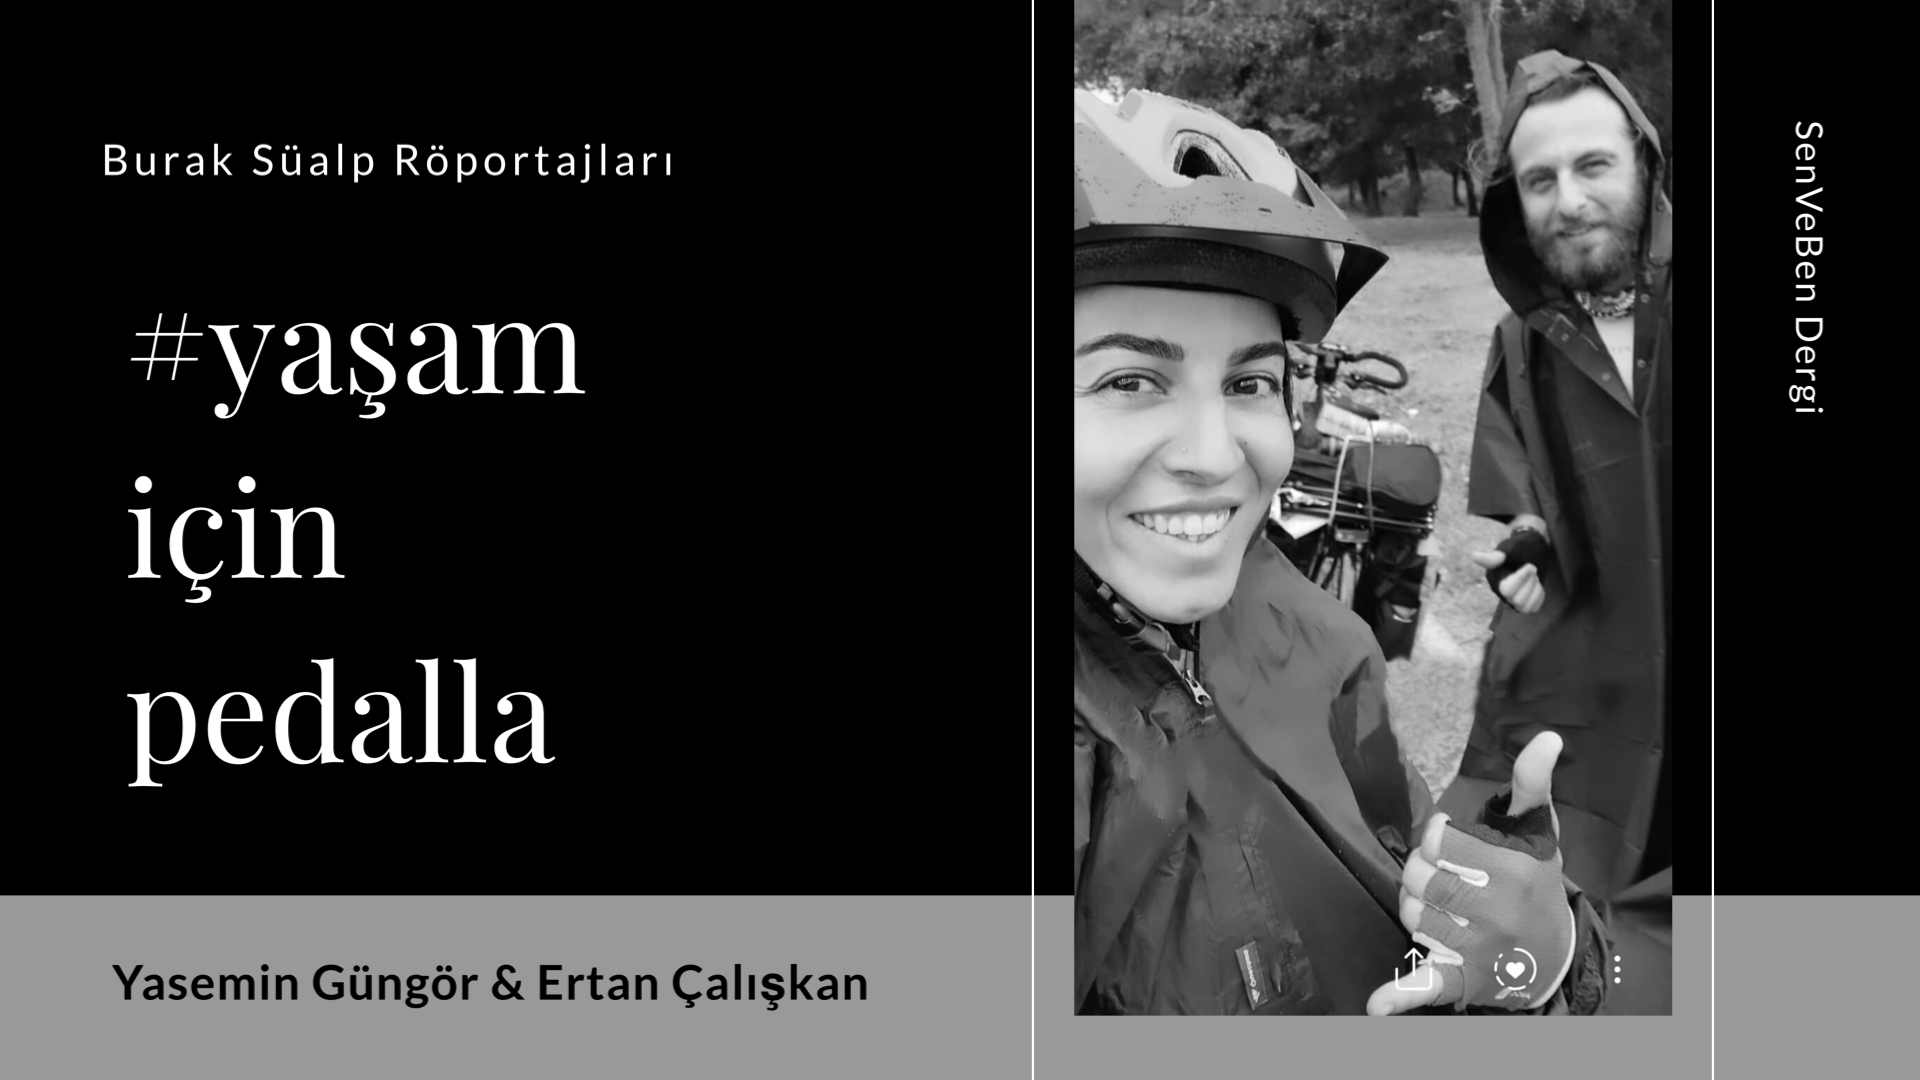 Burak Süalp Röportajları | Yaşam İçin Pedalla | Ertan Çalışkan & Yasemin Güngör